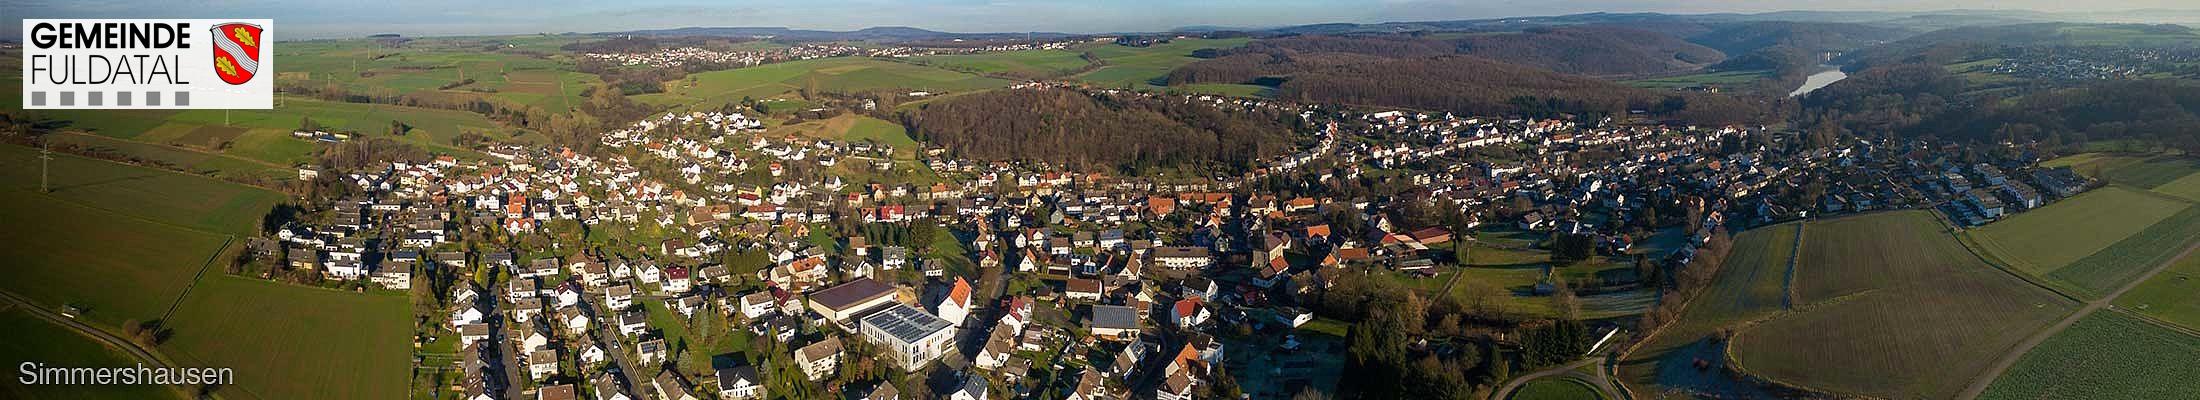 simmershausen-gemeinde-fuldatal